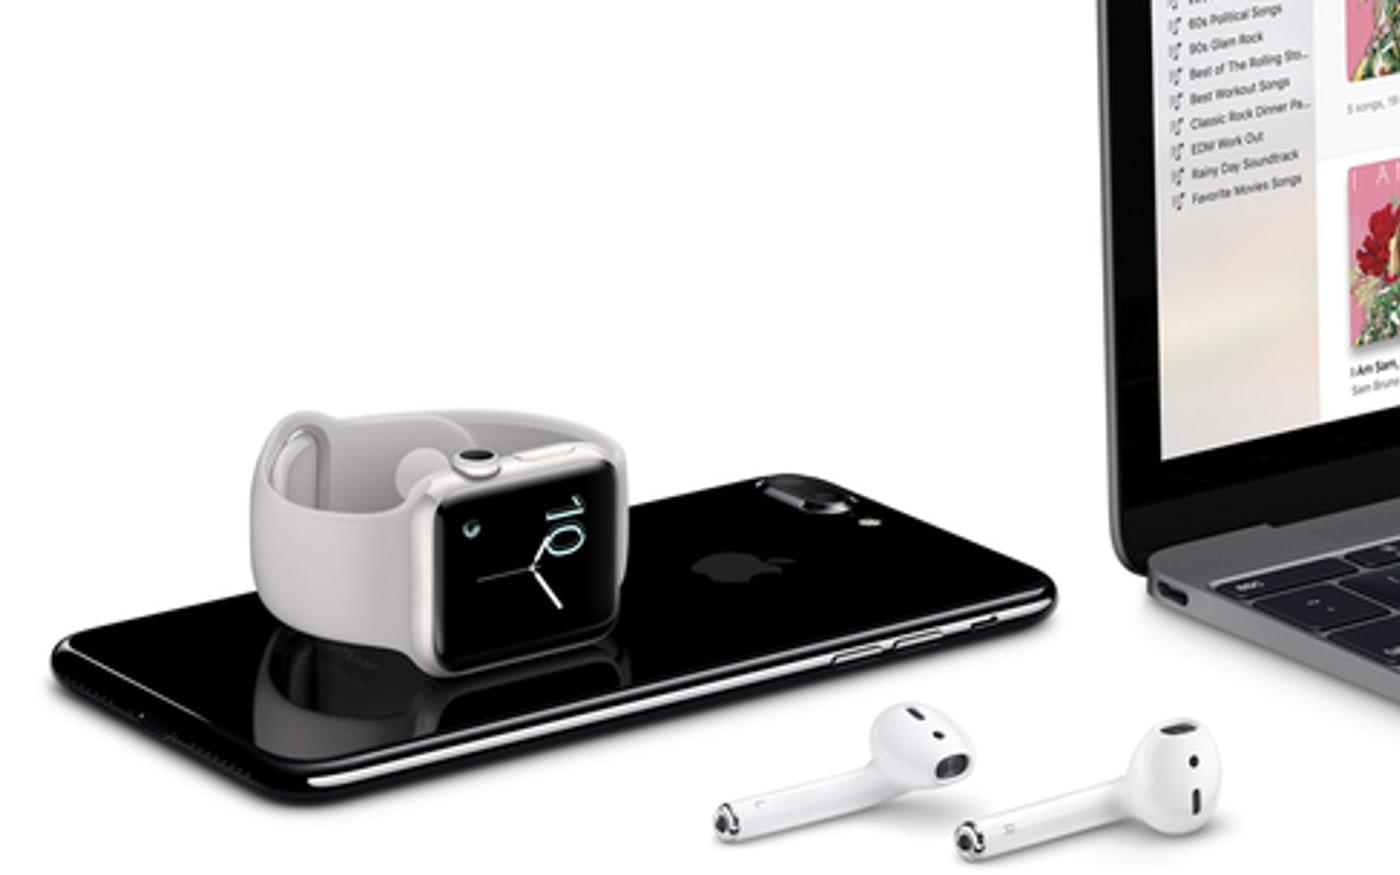 Apple anuncia rendimentos trimestrais: receita arrecadada por wearables subiu 50%